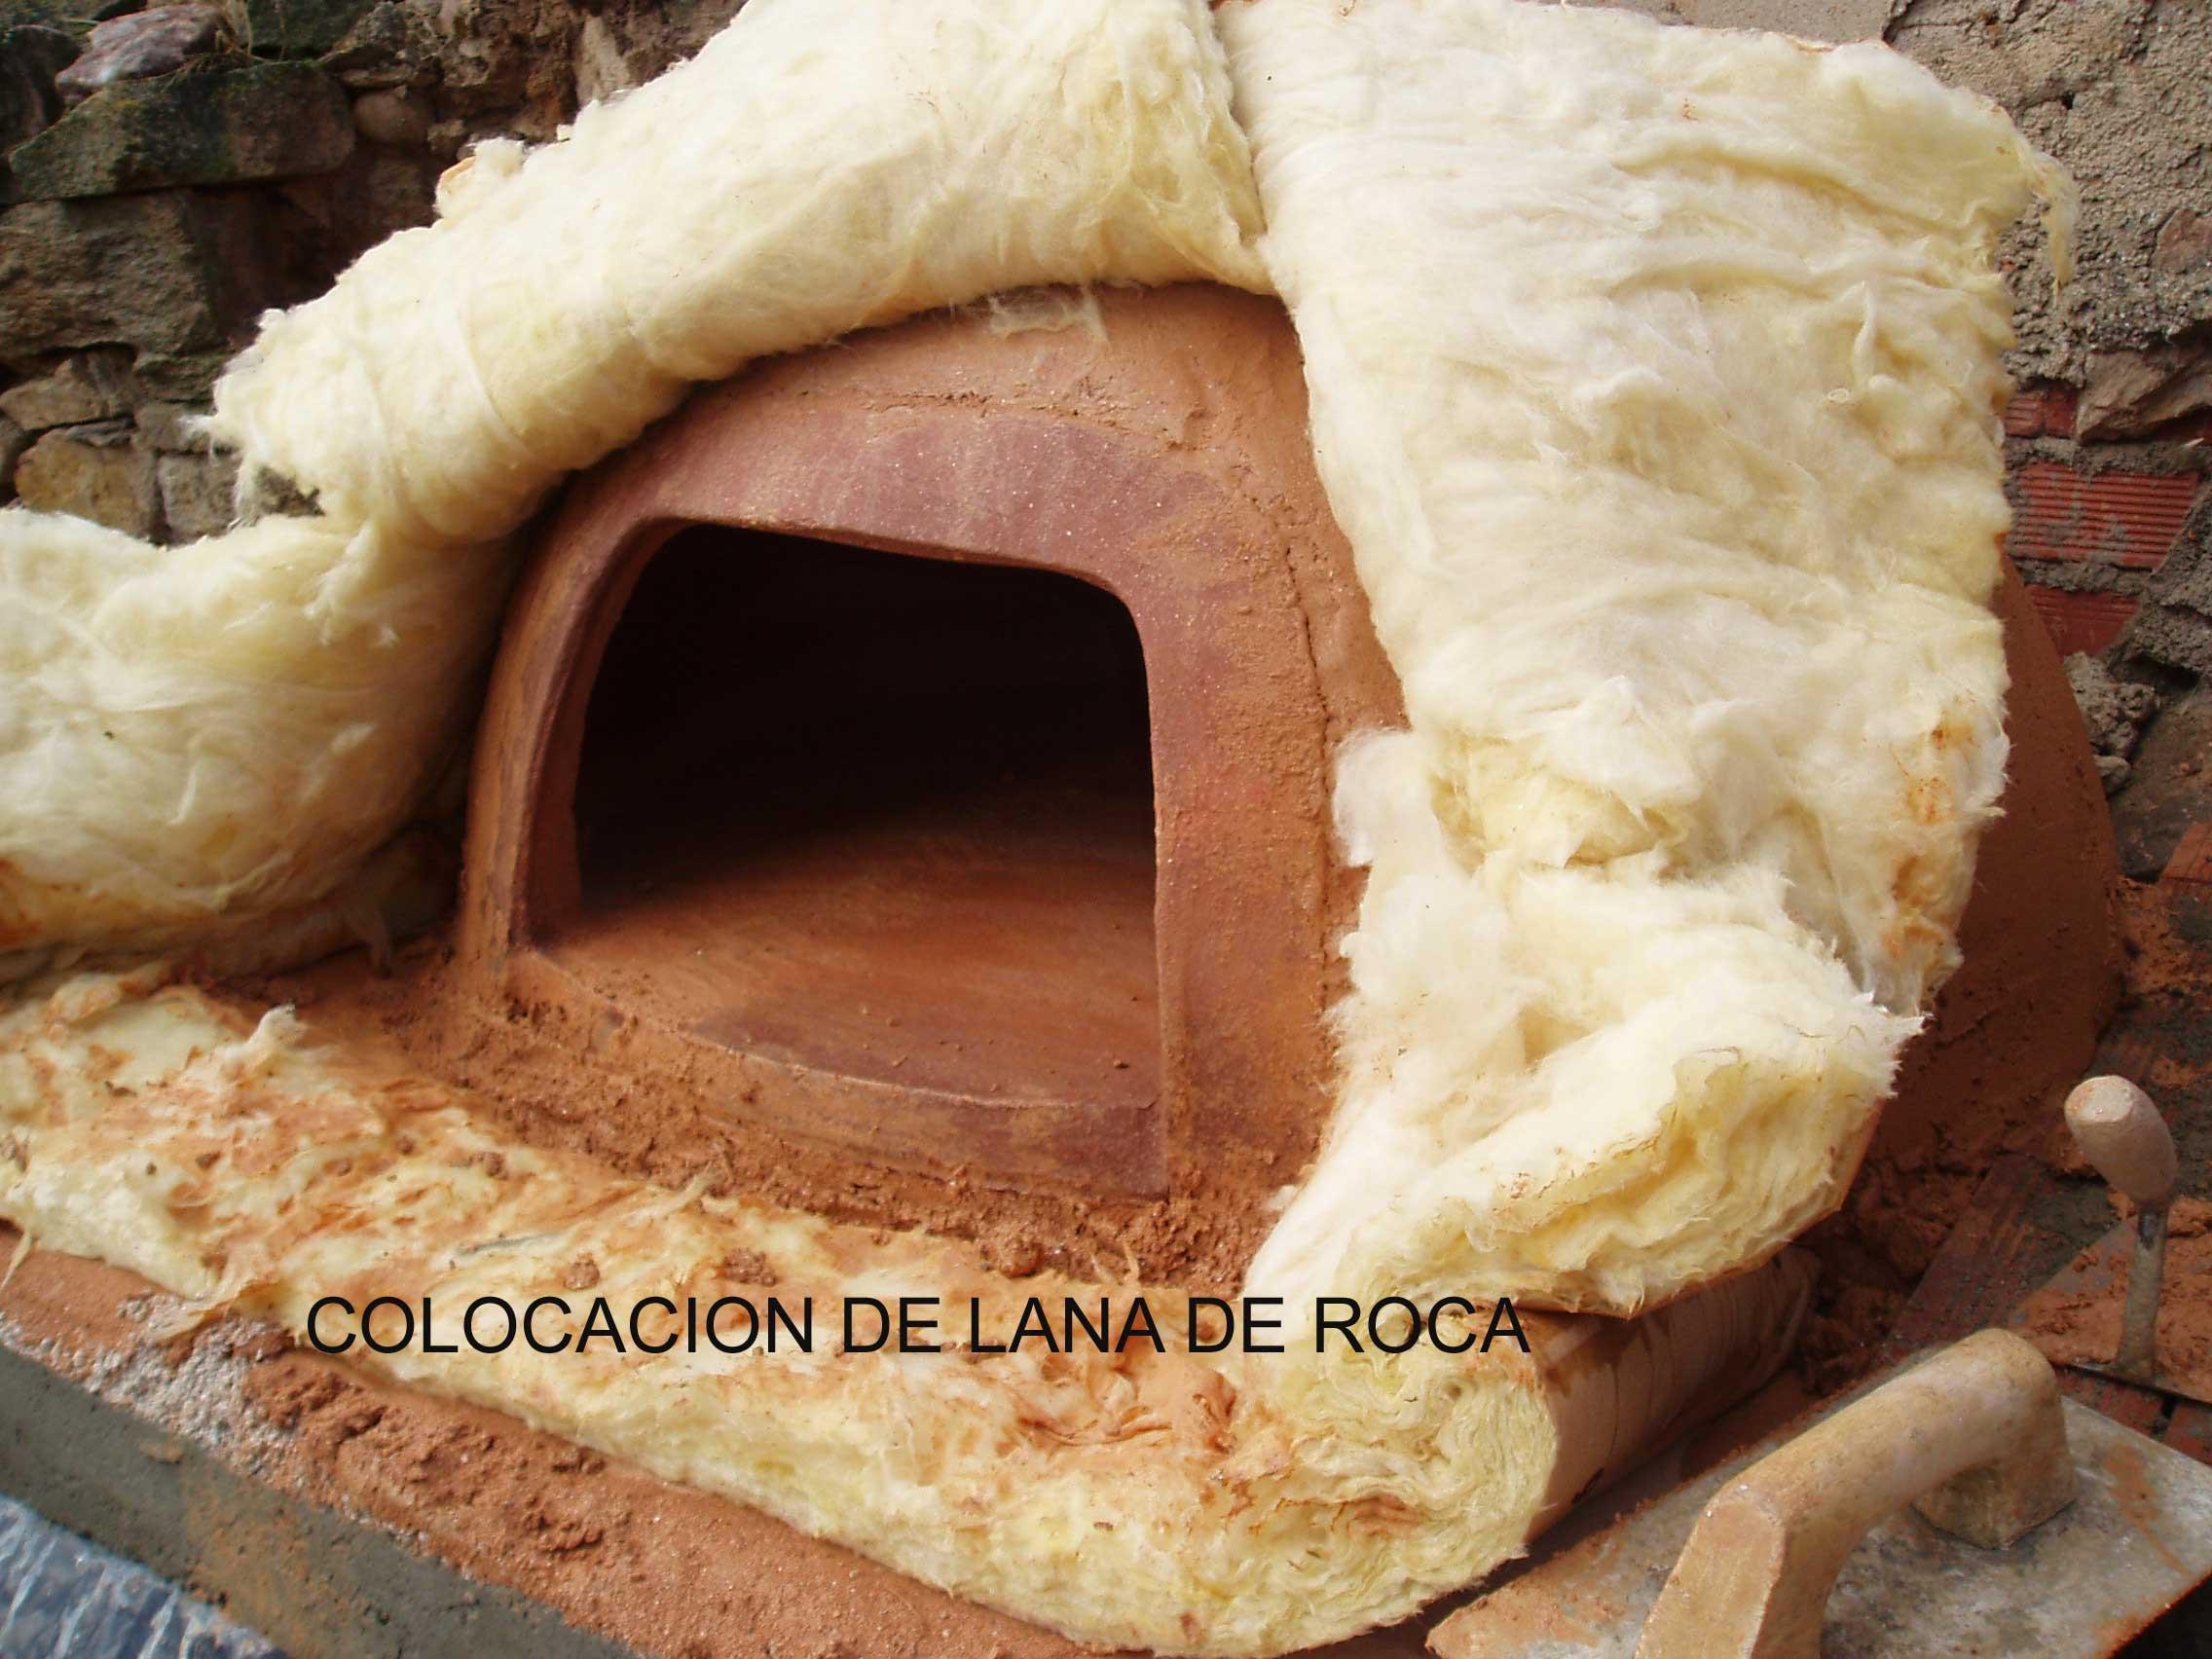 Como hacer un horno la fabrica de pereruela - Lana de roca precio ...